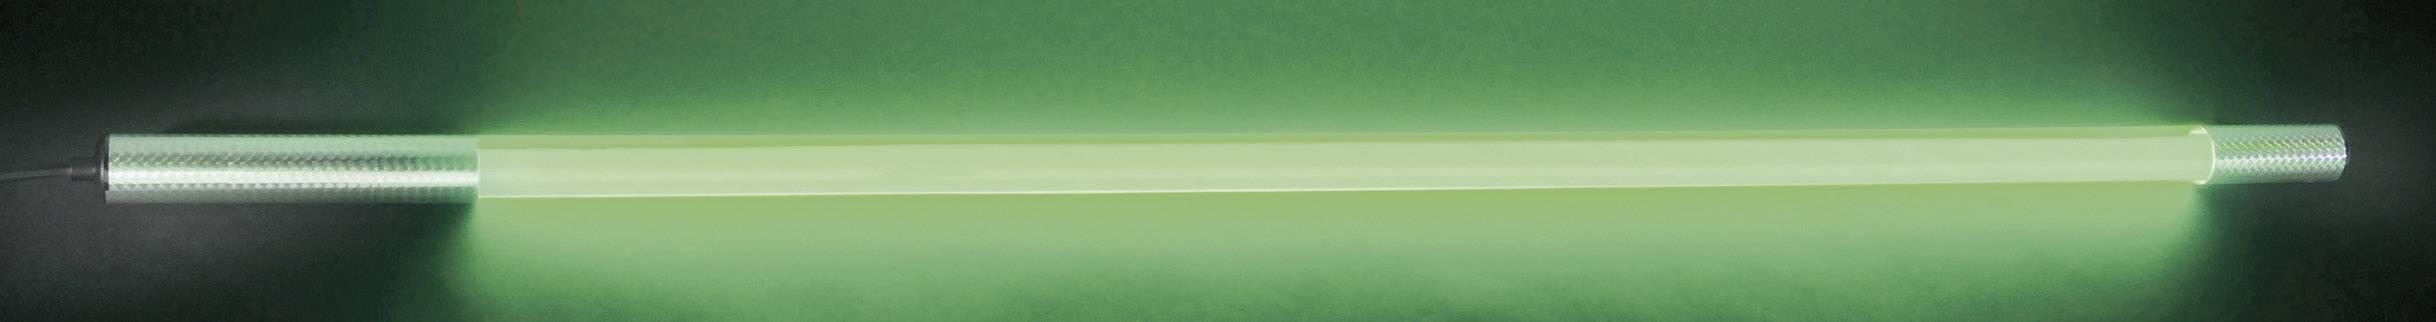 Svietiaca LED tyč Eurolite, 134 cm, zelená